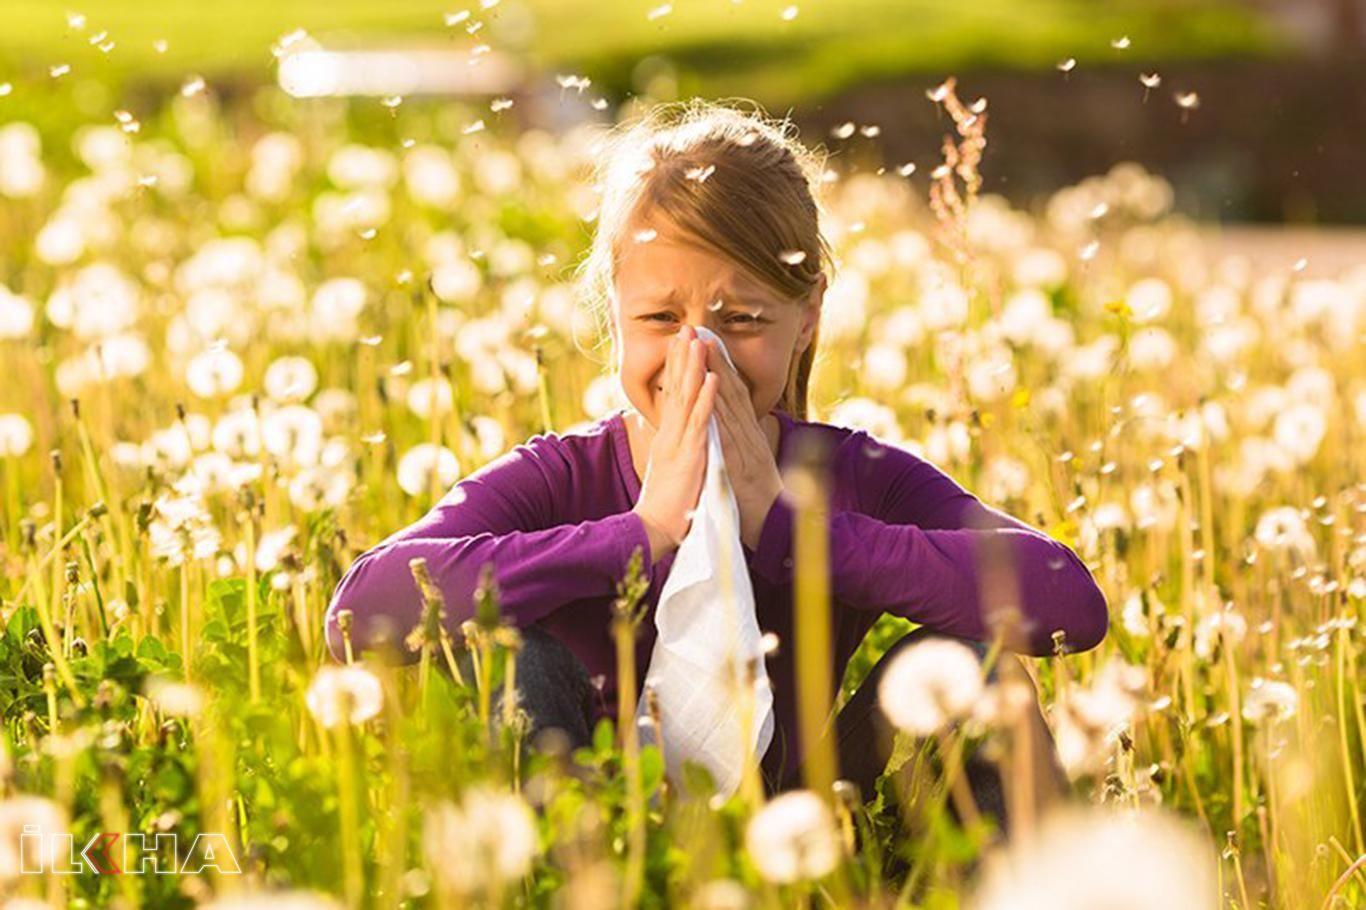 Baharla gelenler   Bahar yorgunluğu neden olur?